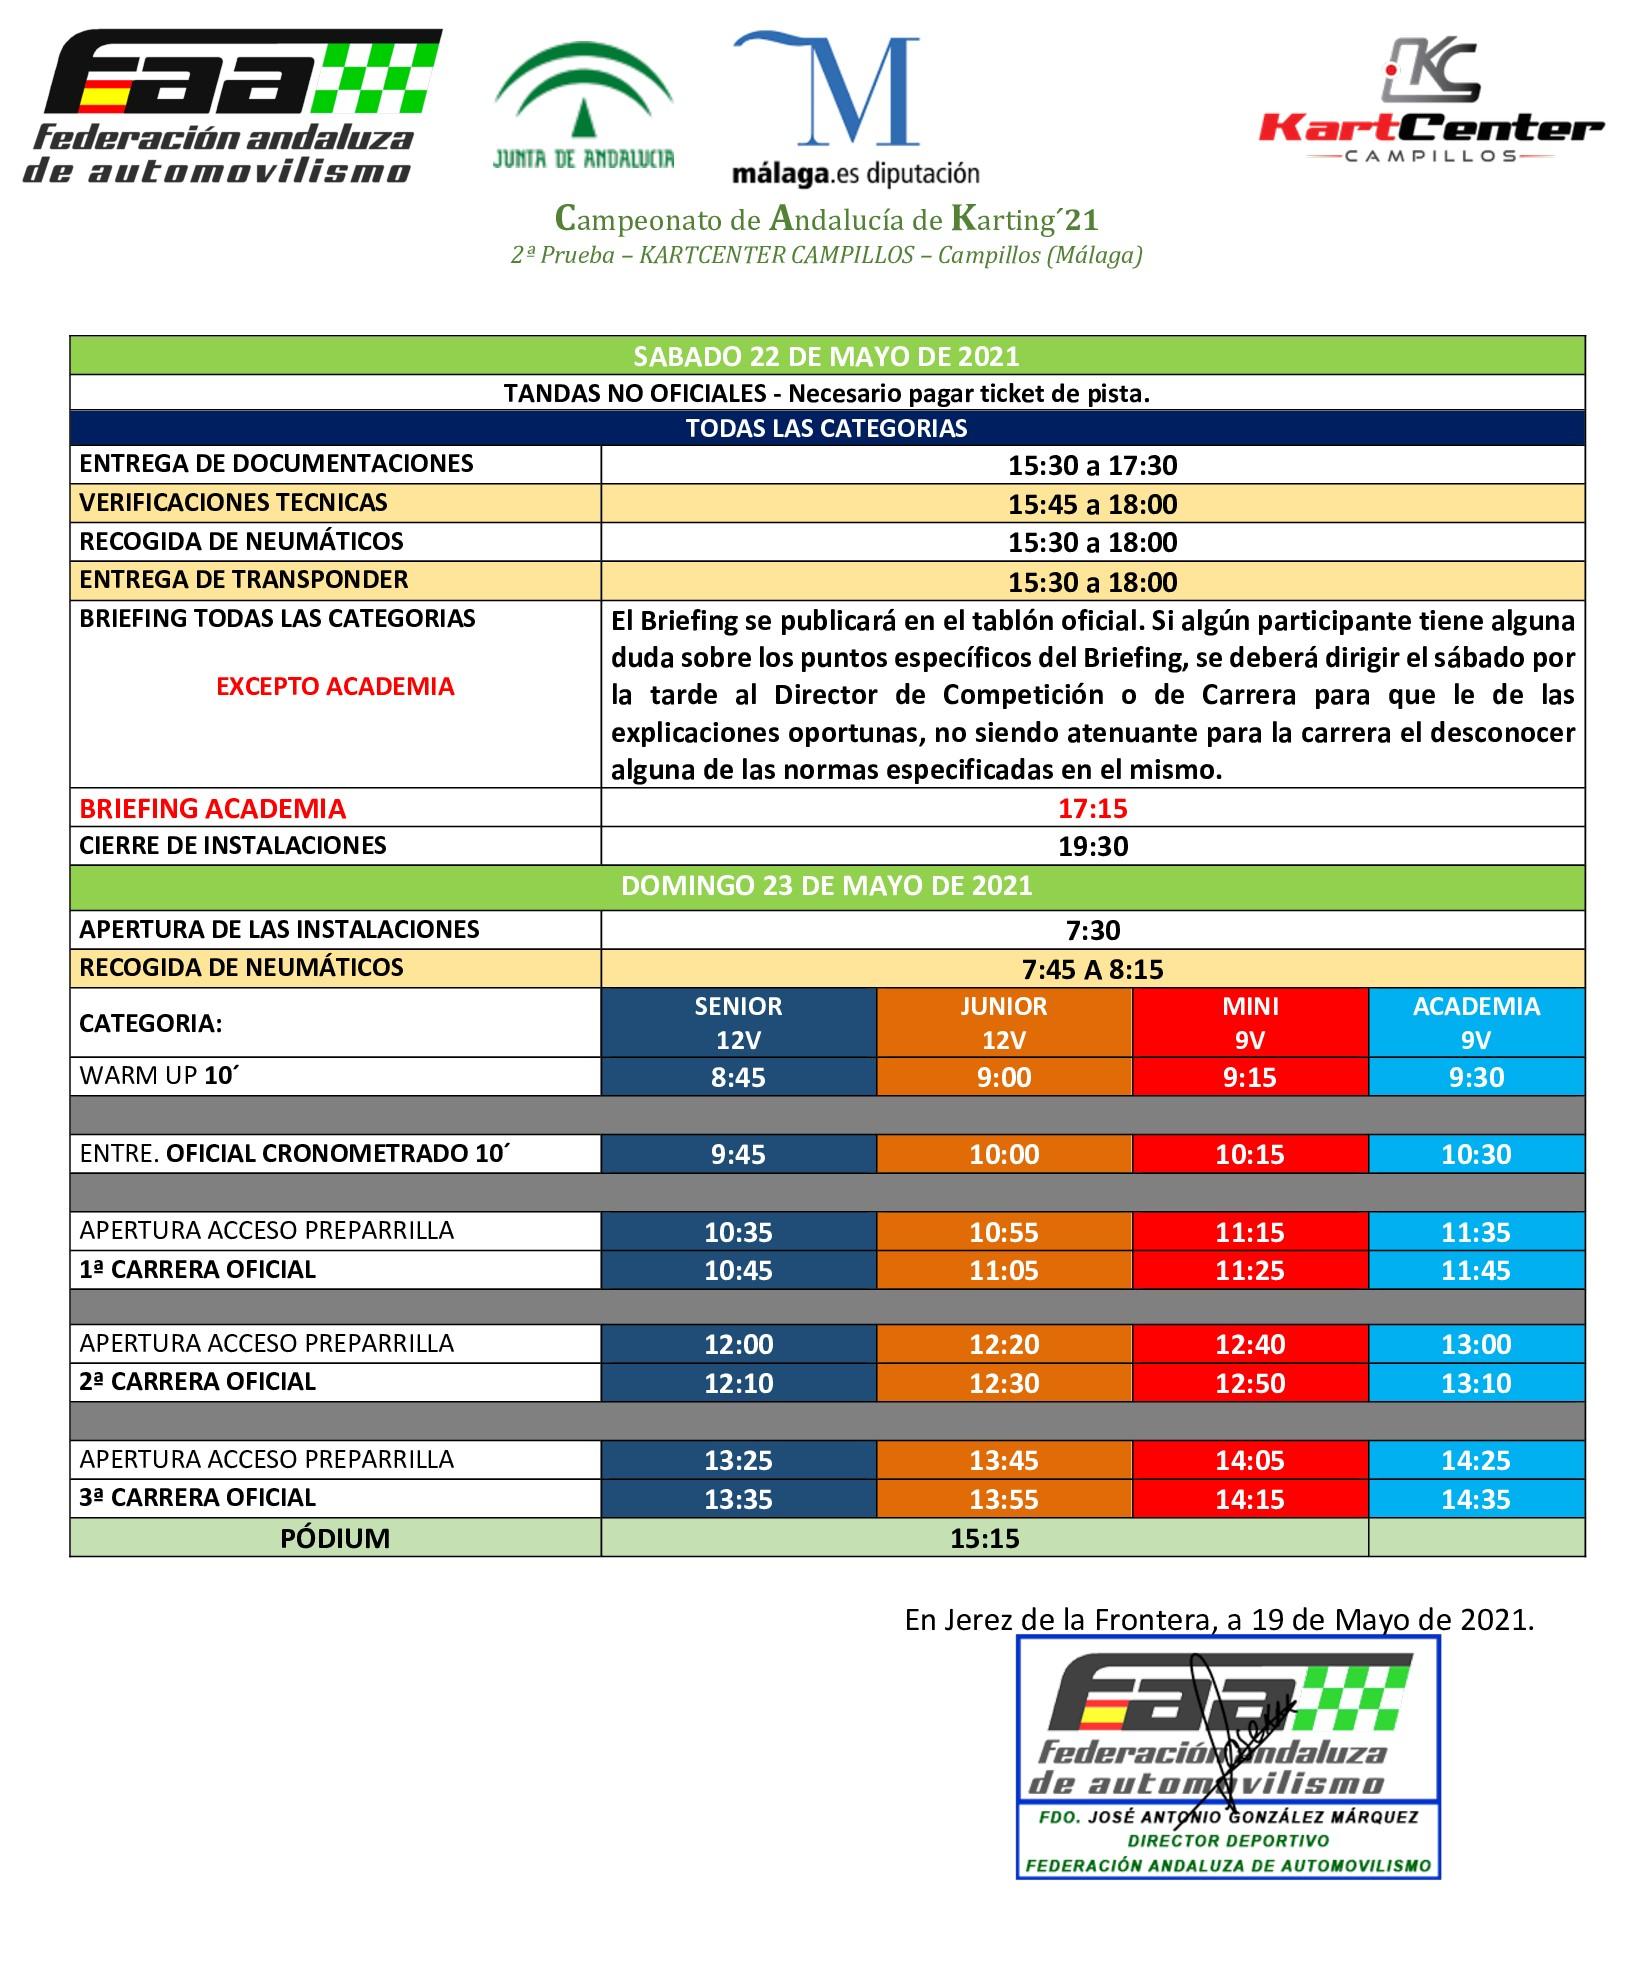 Horarios Campeonato Andalucía Karting - Campillos